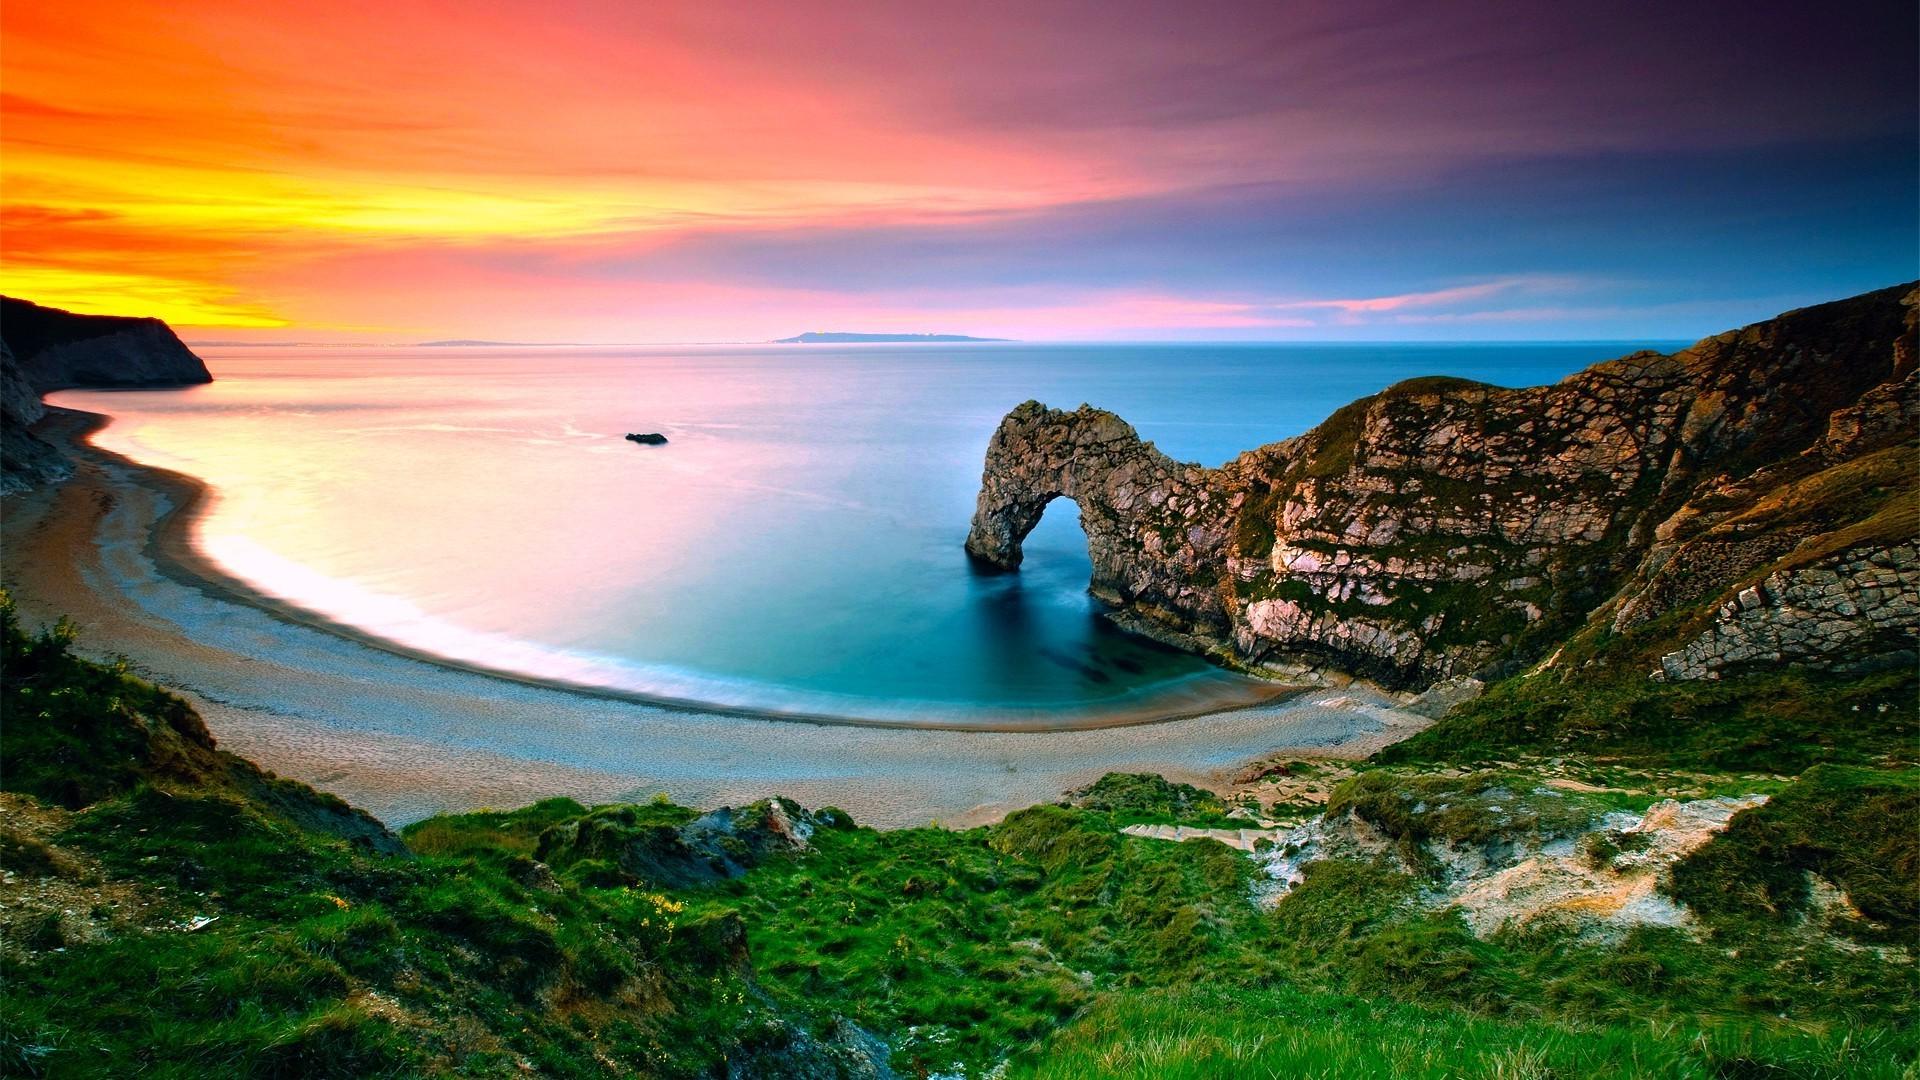 Beach Sunset Wallpaper With Cliff - HD Wallpaper